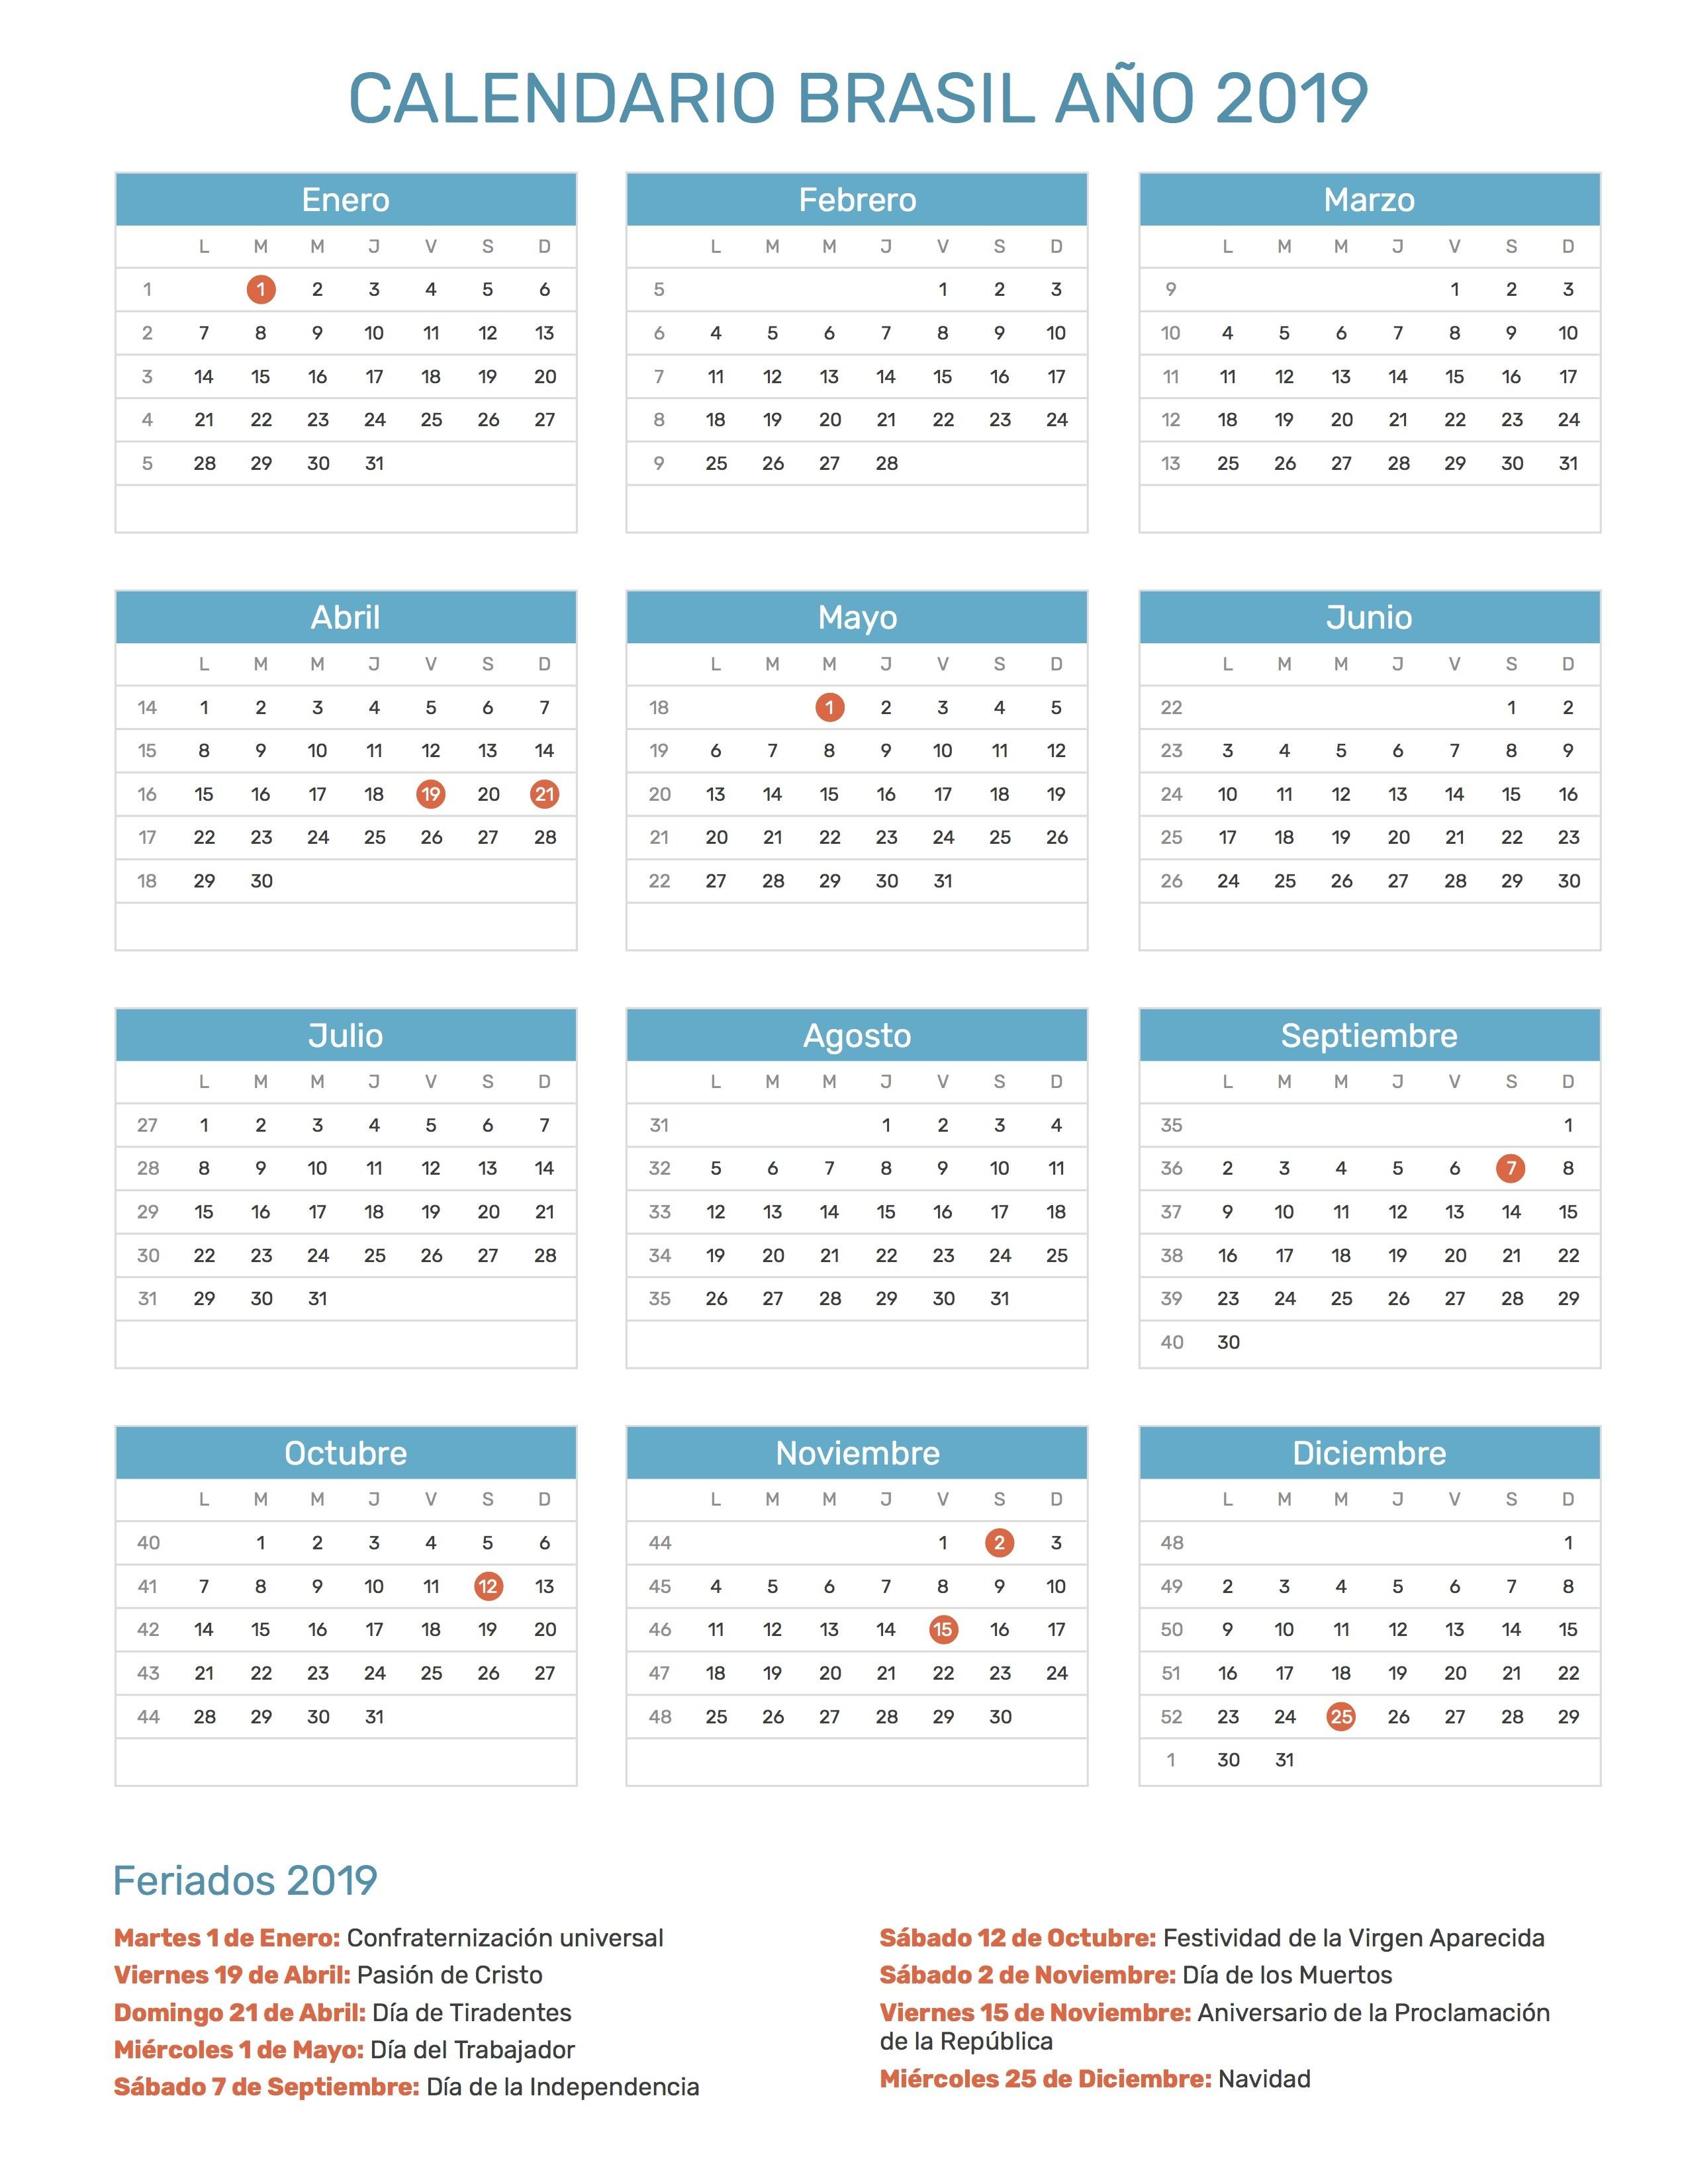 Calendario para Imprimir de Brasil a±o 2019 con das festivos